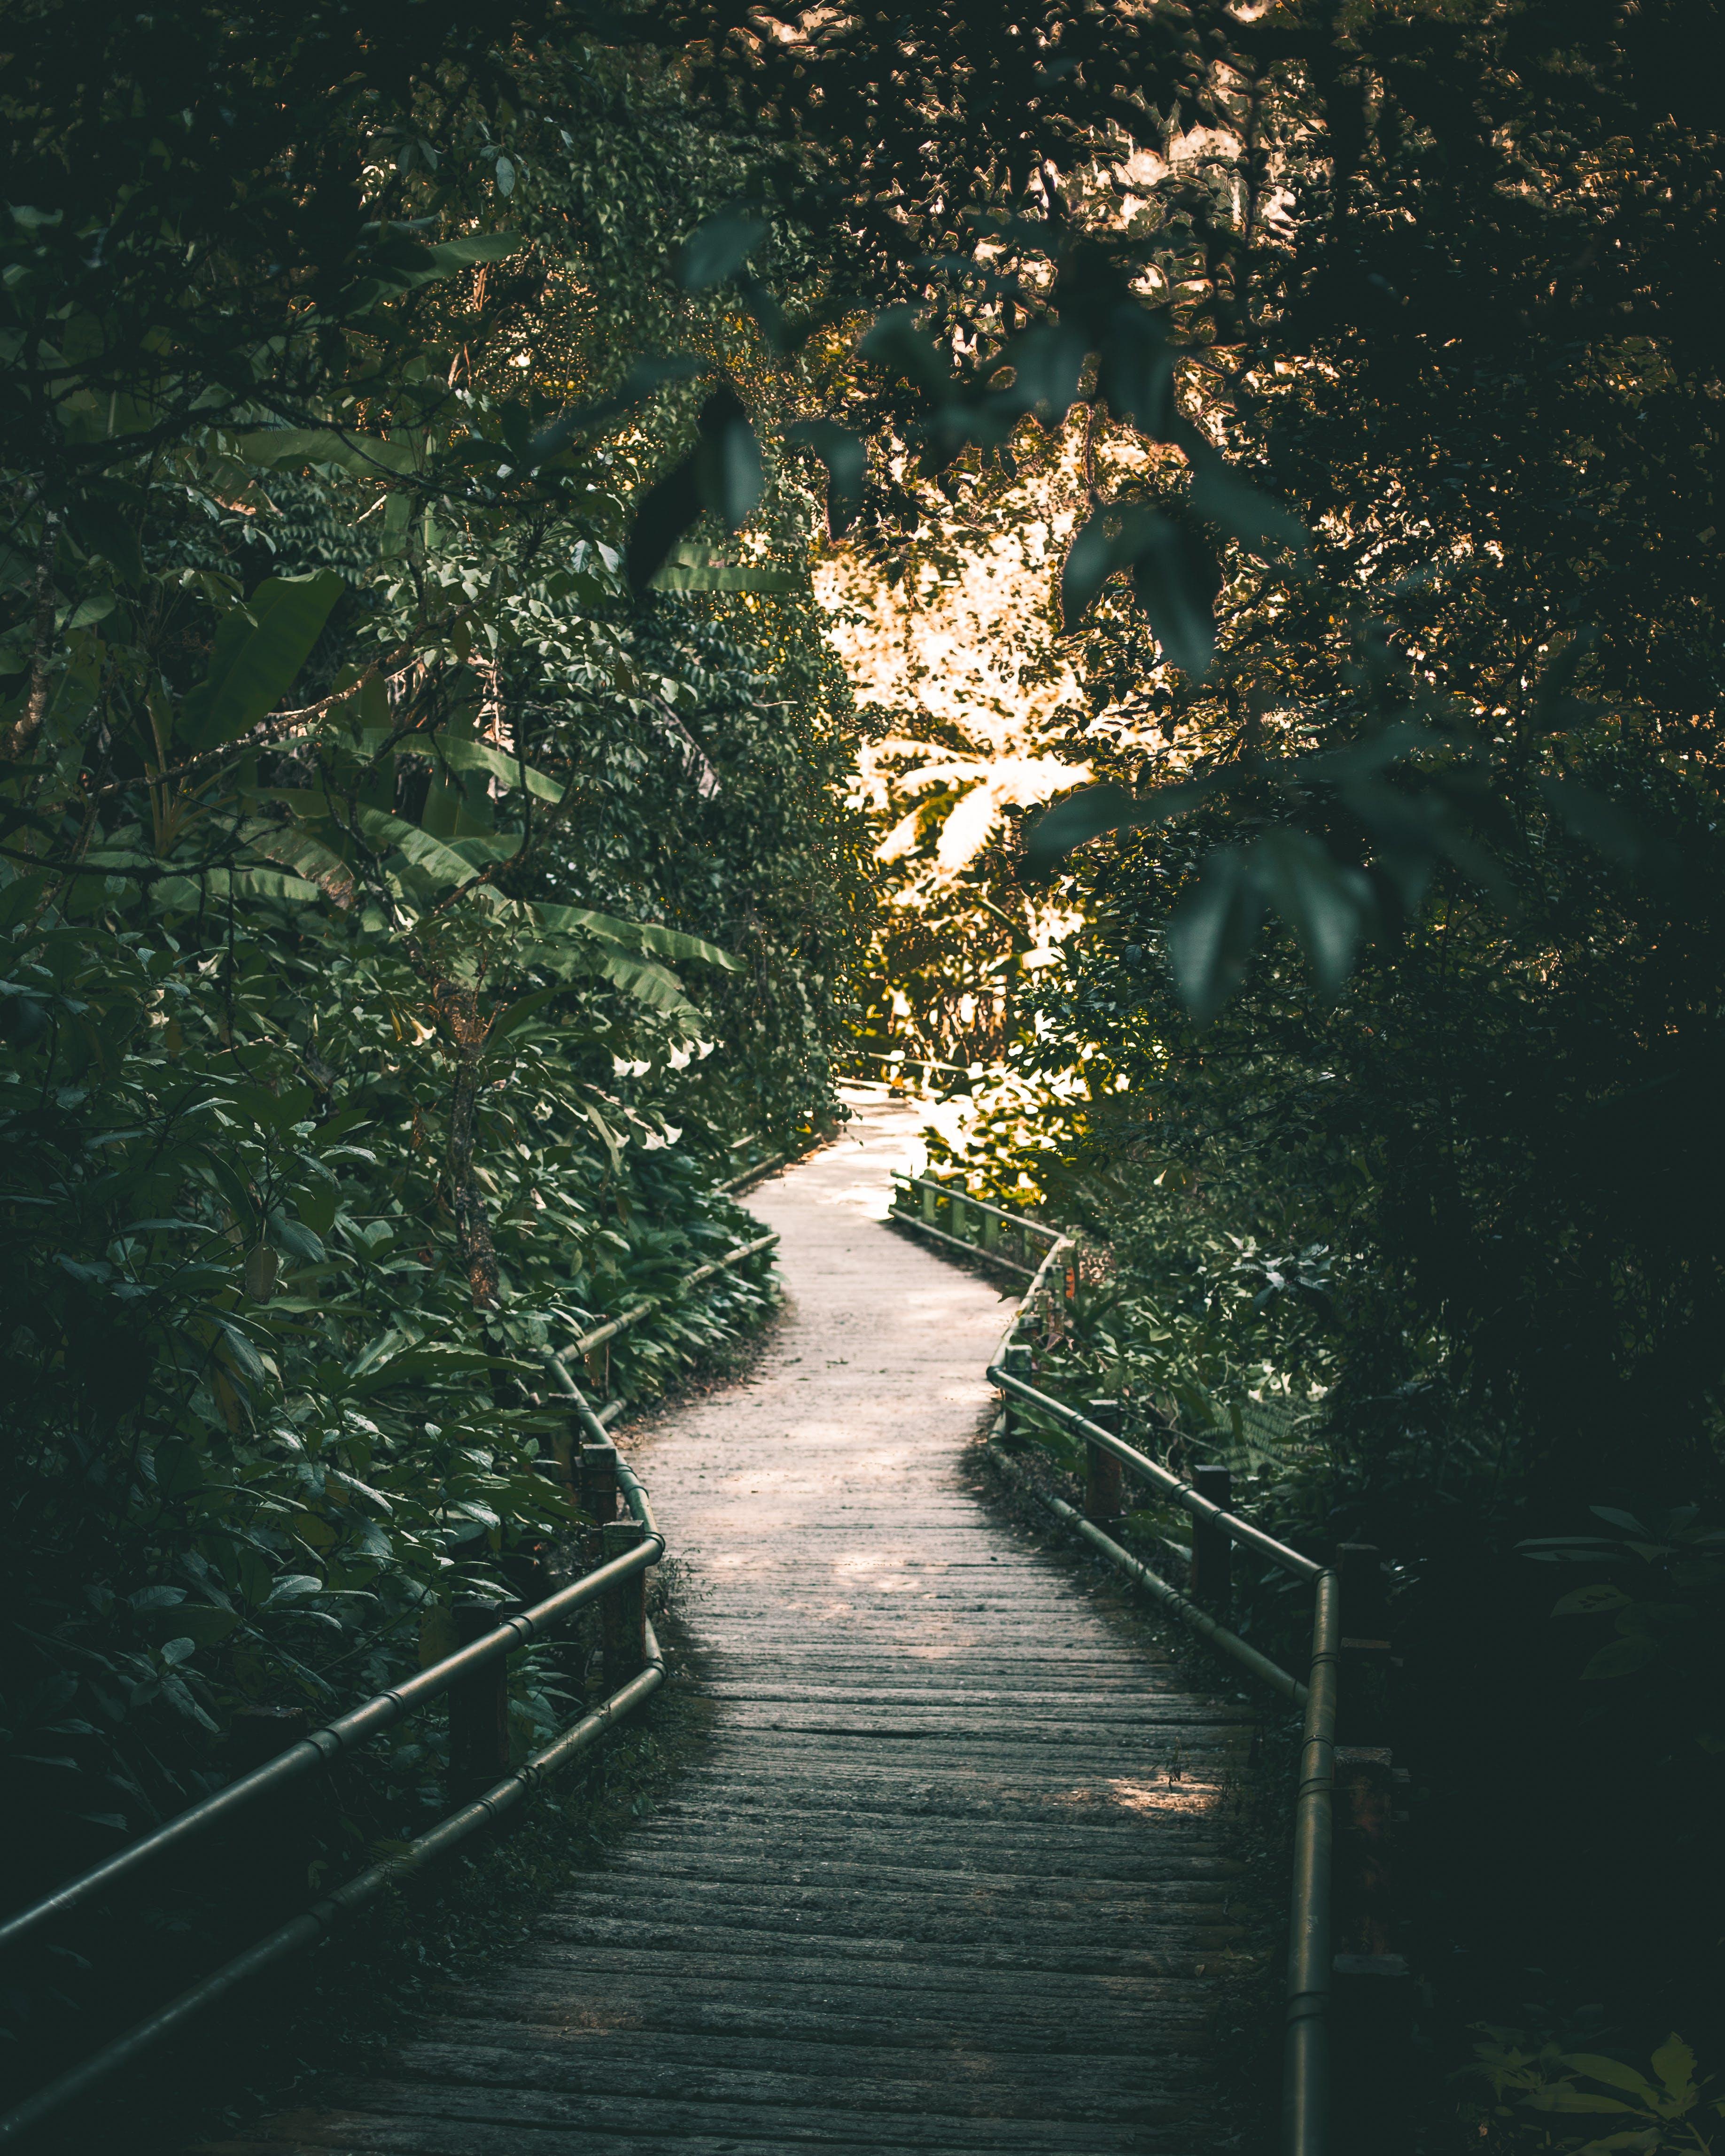 Foto d'estoc gratuïta de arbres, bosc, carretera, clareja